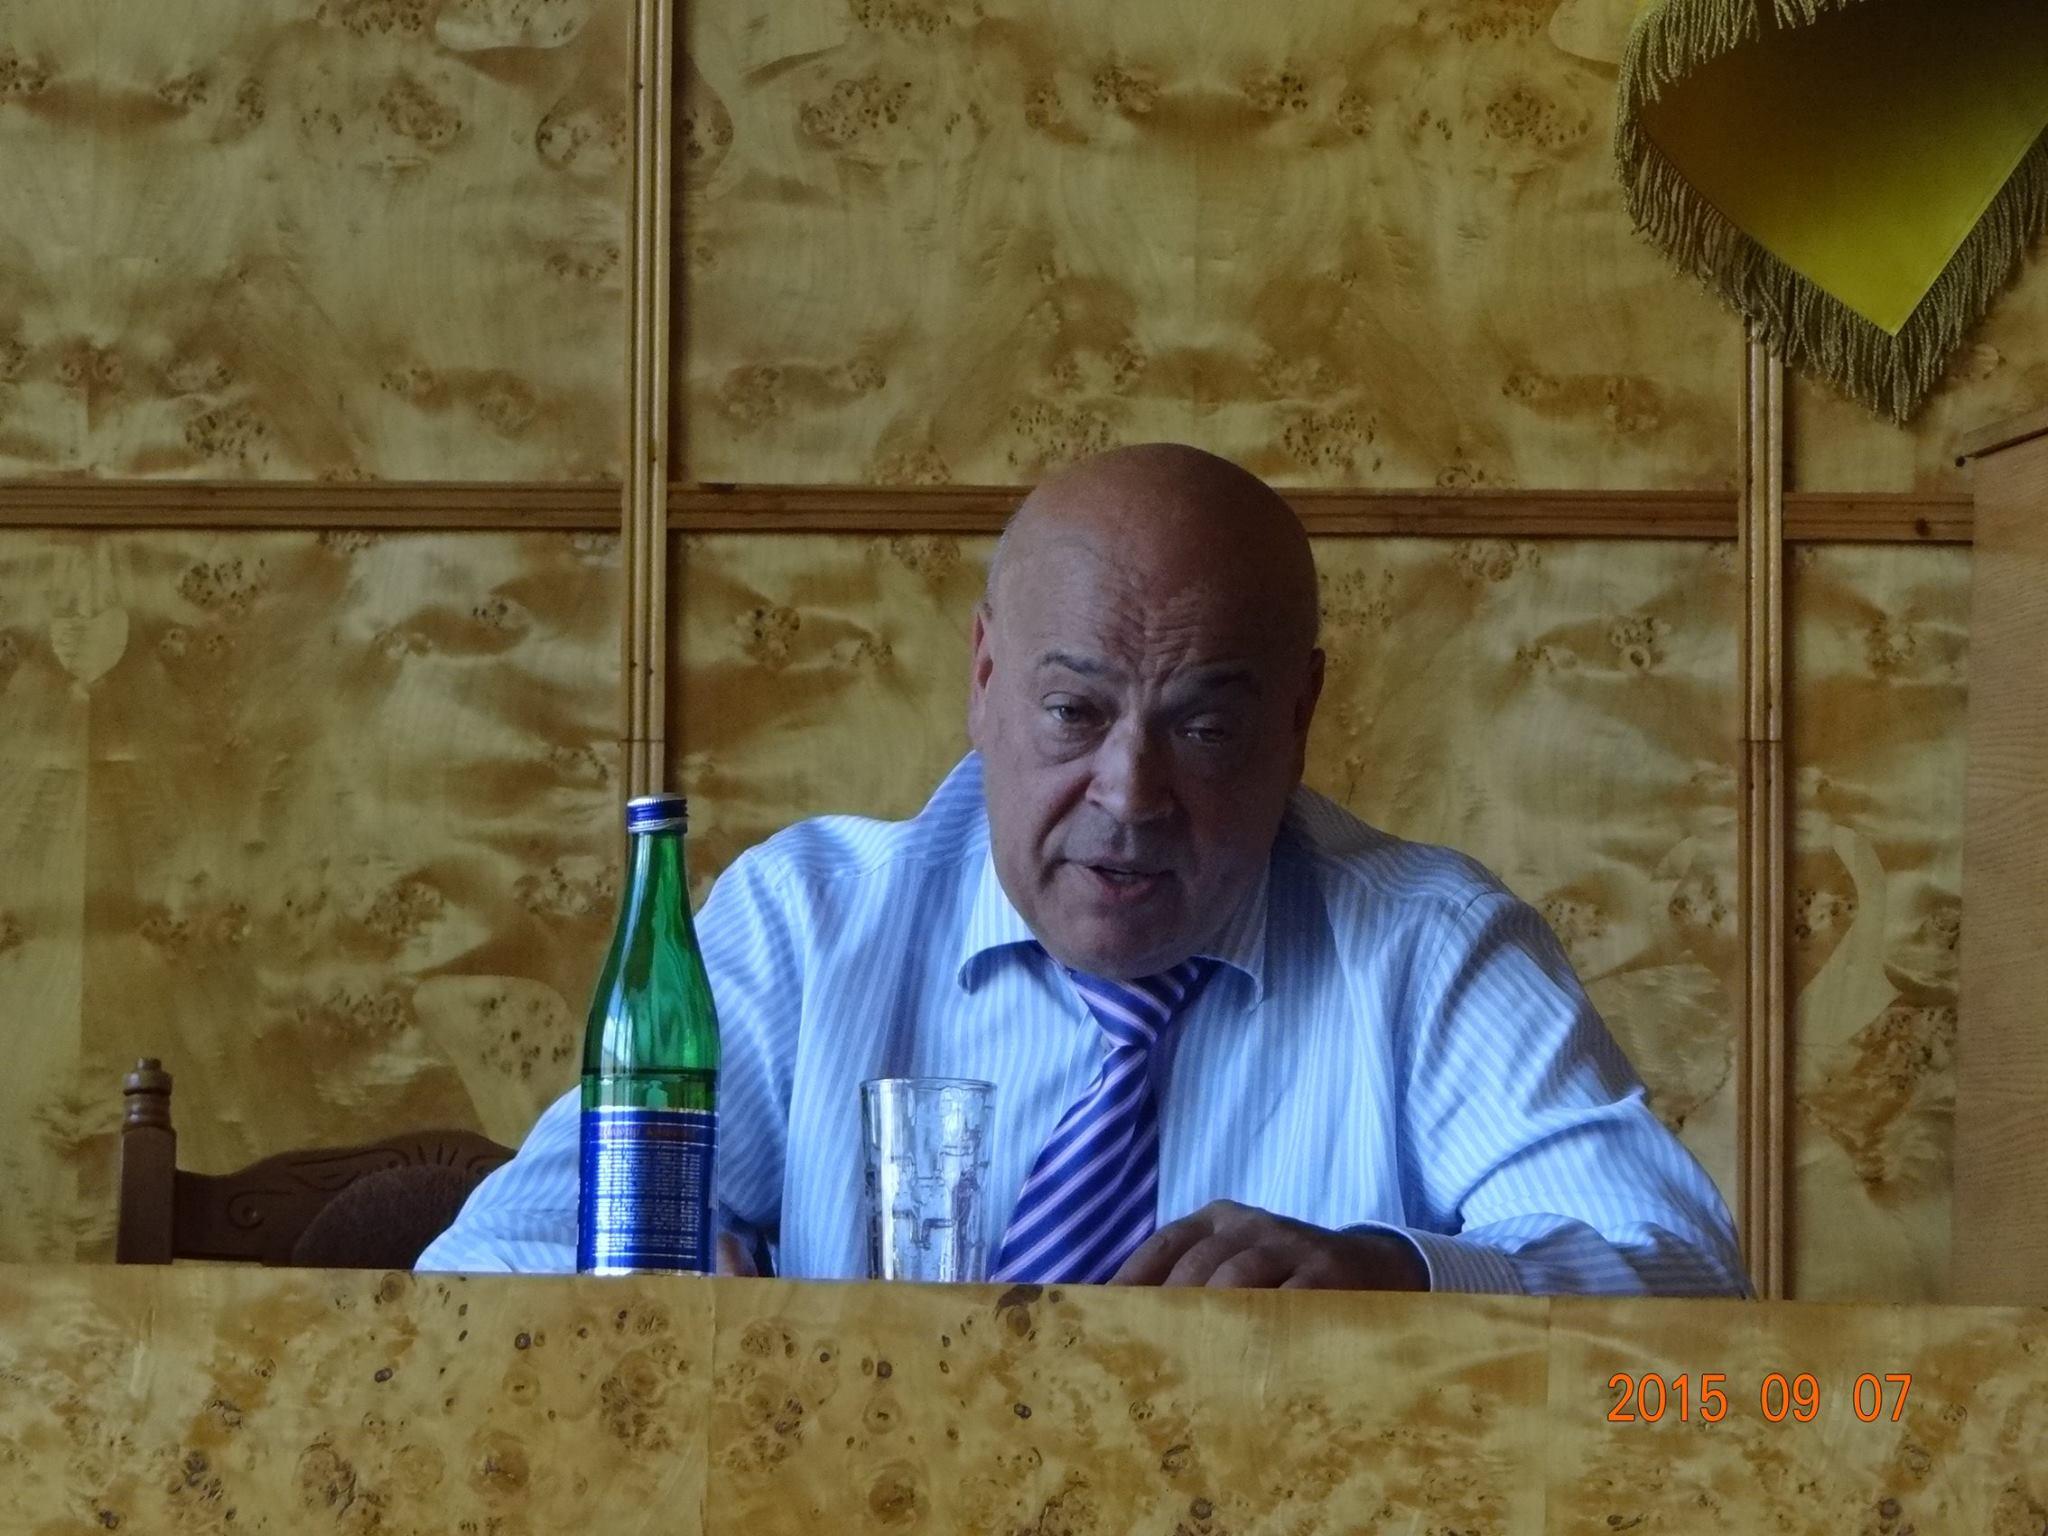 Москаль пообіцяв розігнати керівництво Митного посту «Тиса» за грубі порушення в роботі